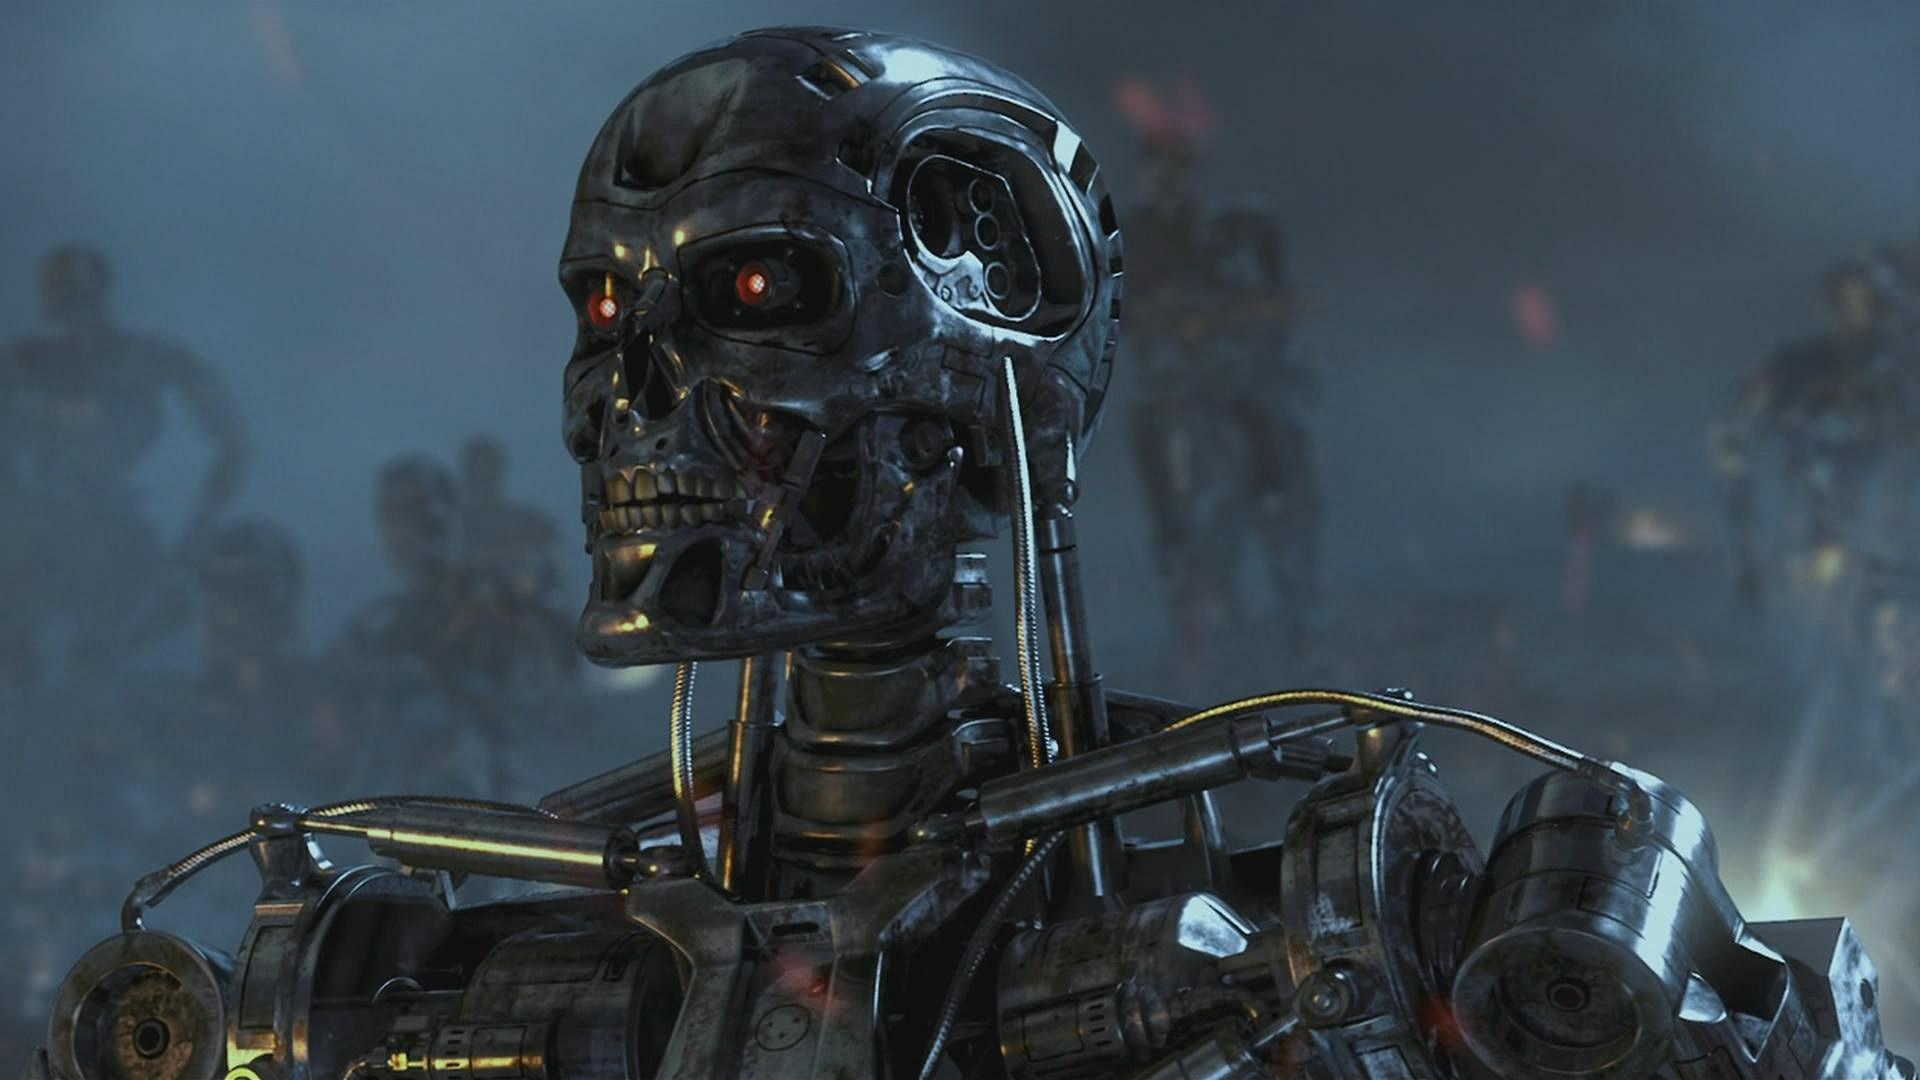 Человечеству предрекли гибель из-за мести роботов